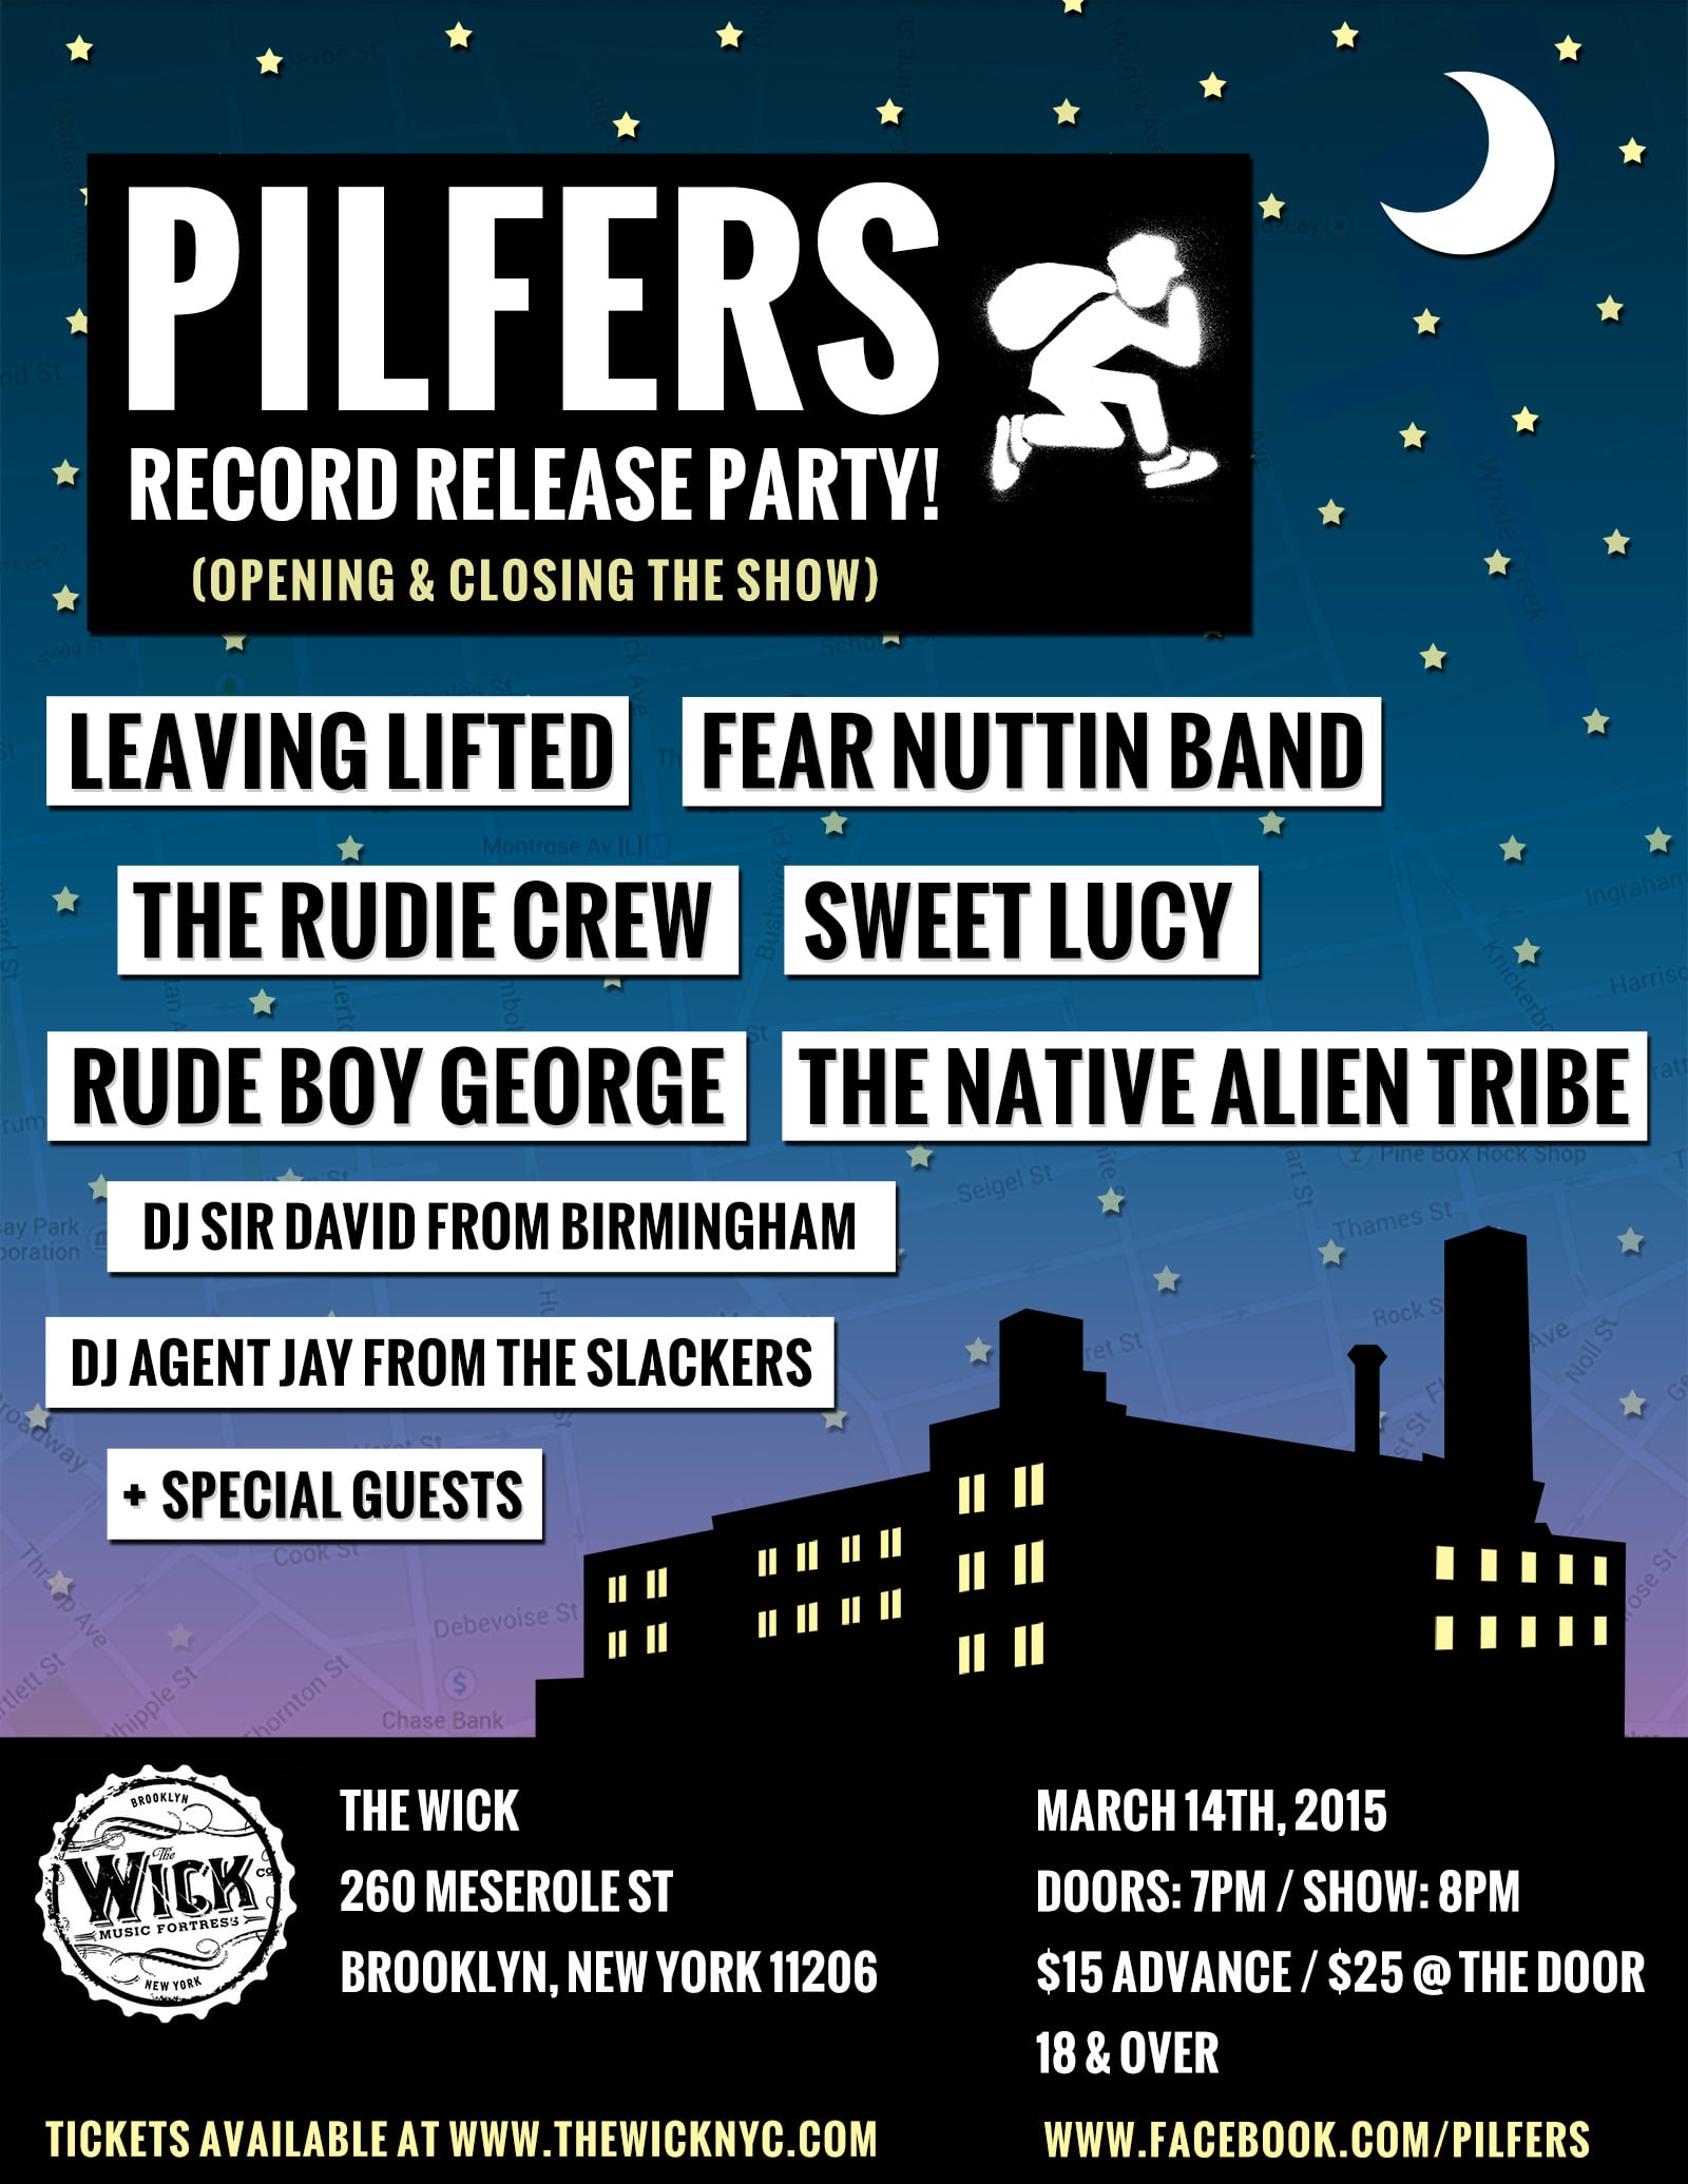 Show Flyers - Pilfers